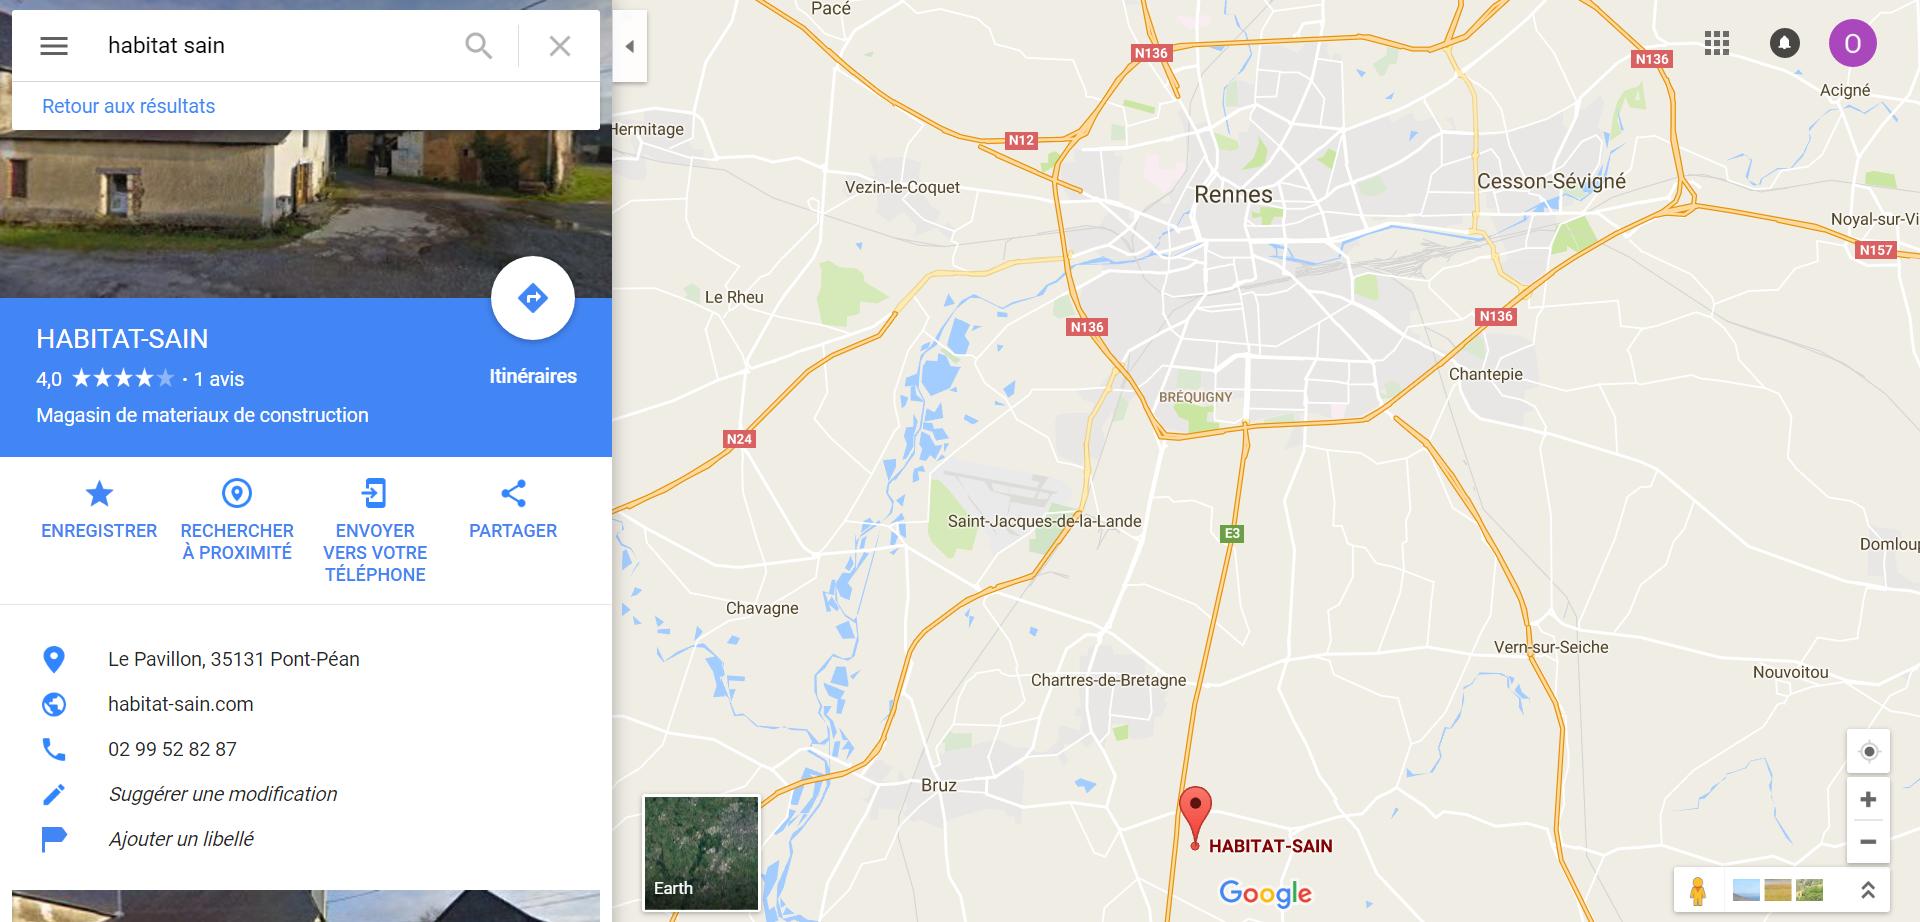 Localisation du magasin Habitat Sain à Rennes